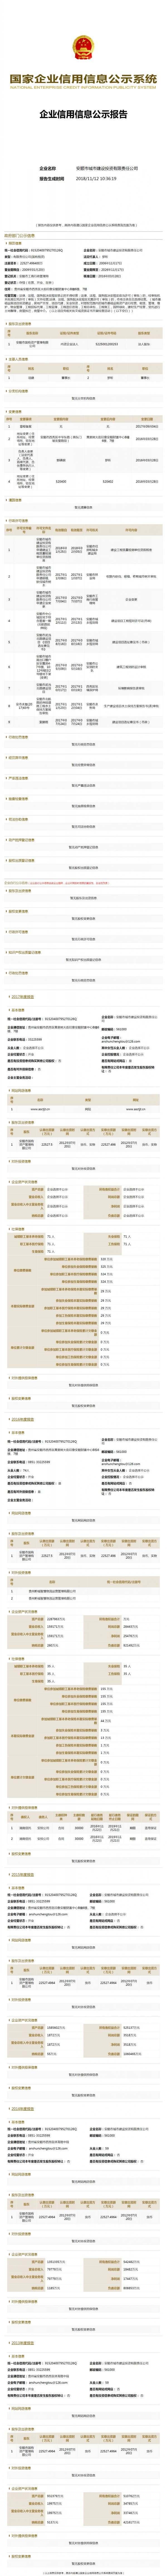 conew_安順市城市建設投資有限責任公司 (1)